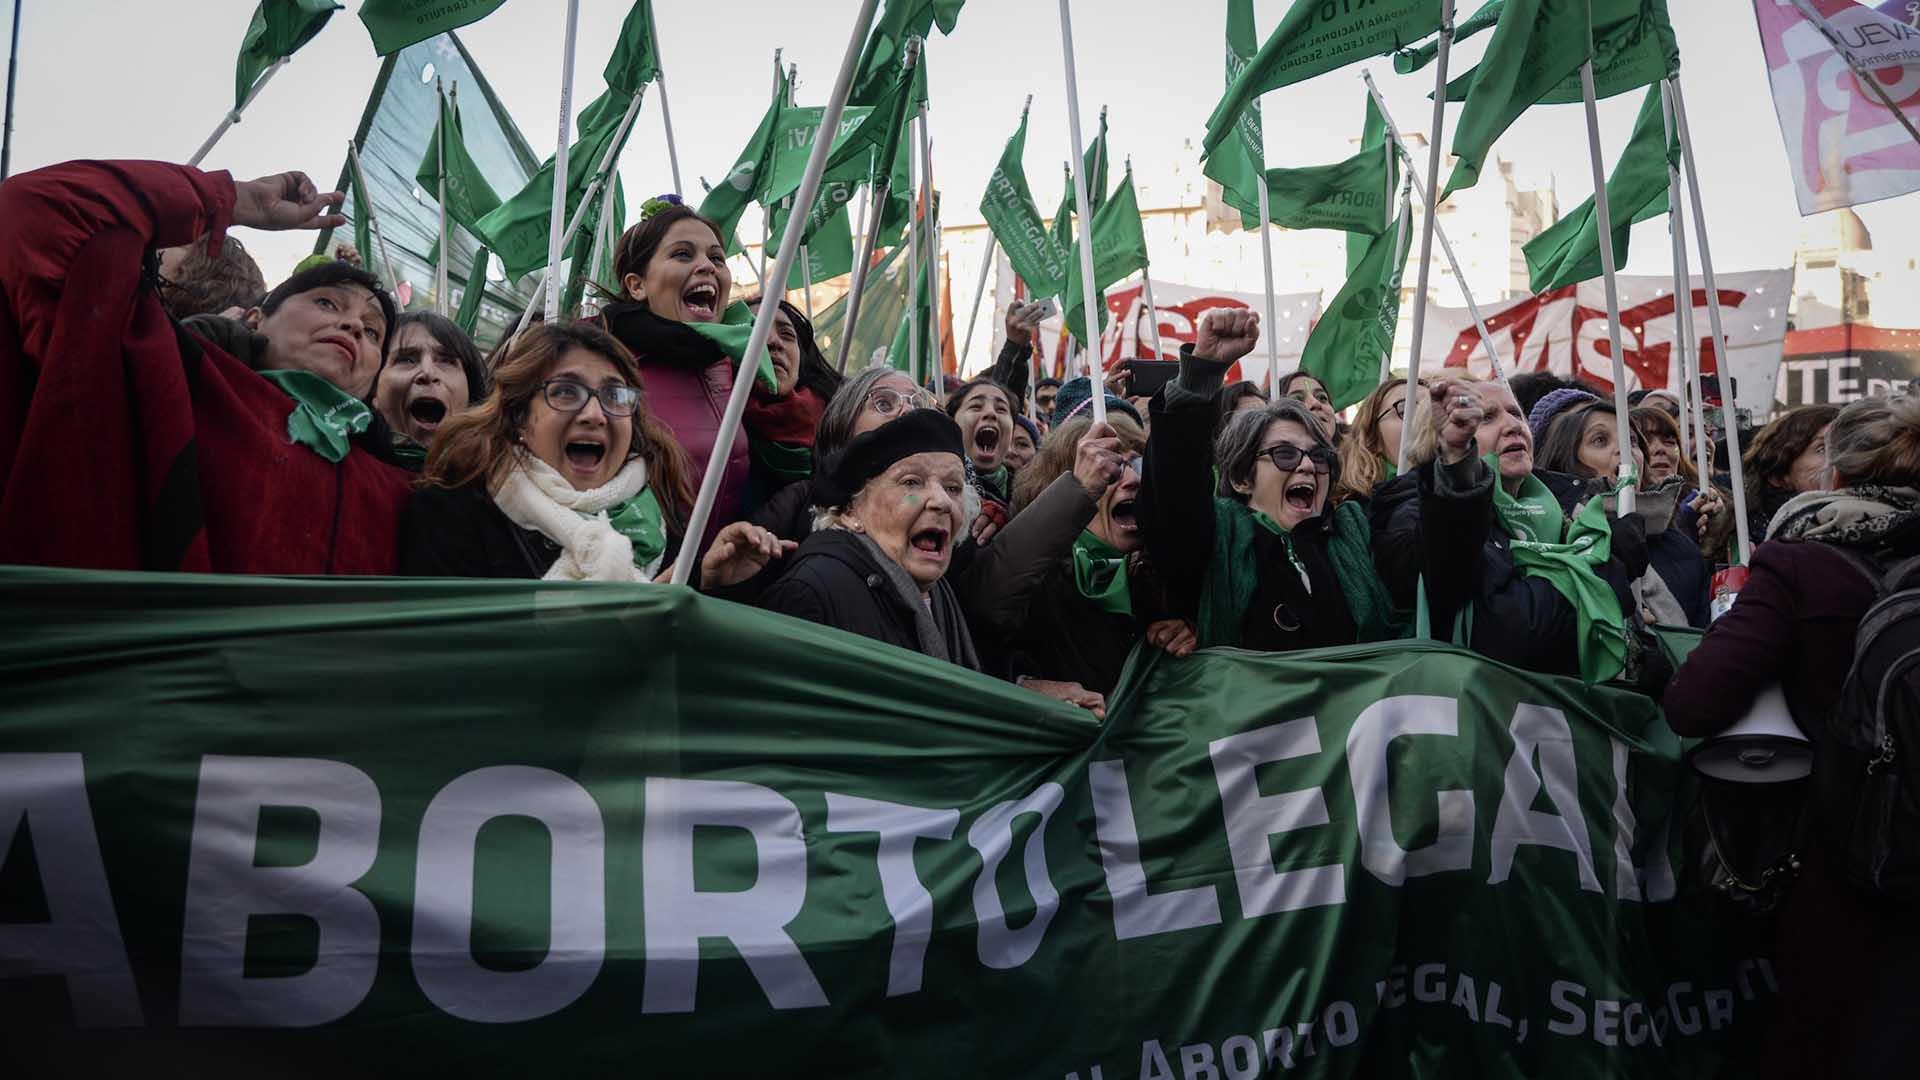 Militantes en favor del aborto legal, en las inmediaciones del Congreso; muchas famosas se sumaron a la movilización (Julieta Ferrario)